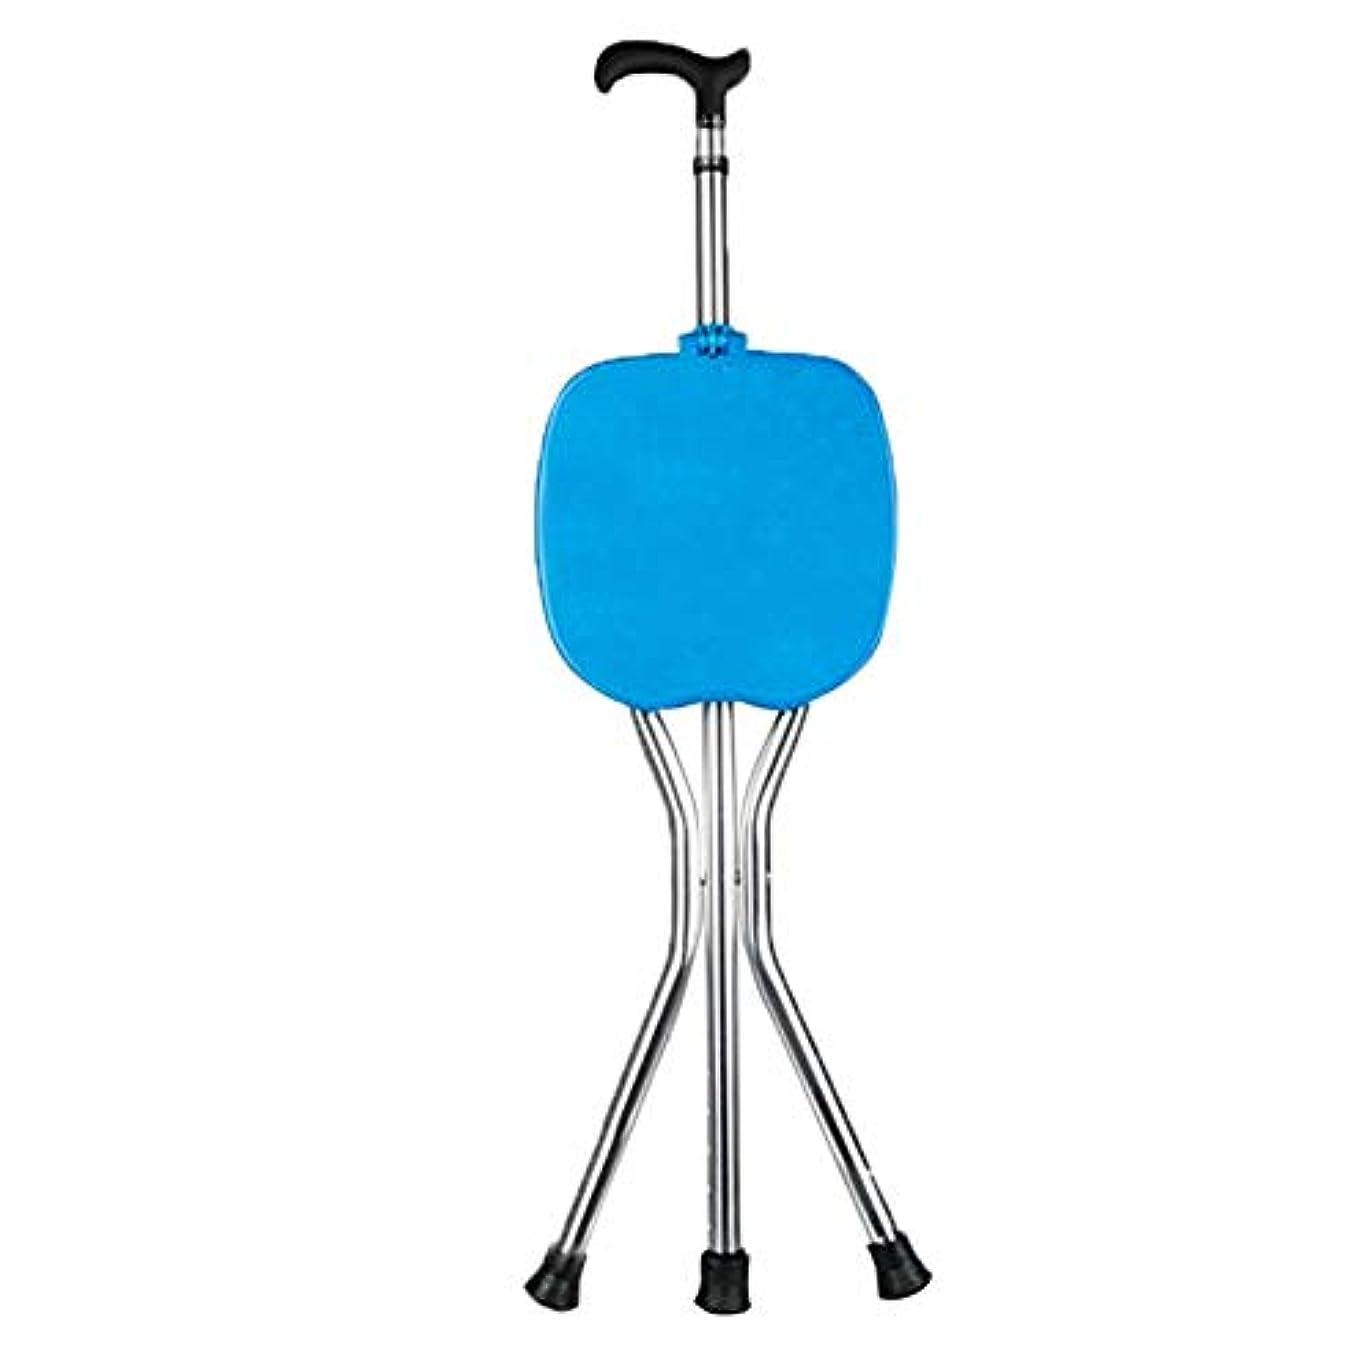 解明するメロンケント折りたたみ 3脚杖 三脚 折り畳み式 軽量 松葉杖 医療援助 高齢者 歩行補助杖-青